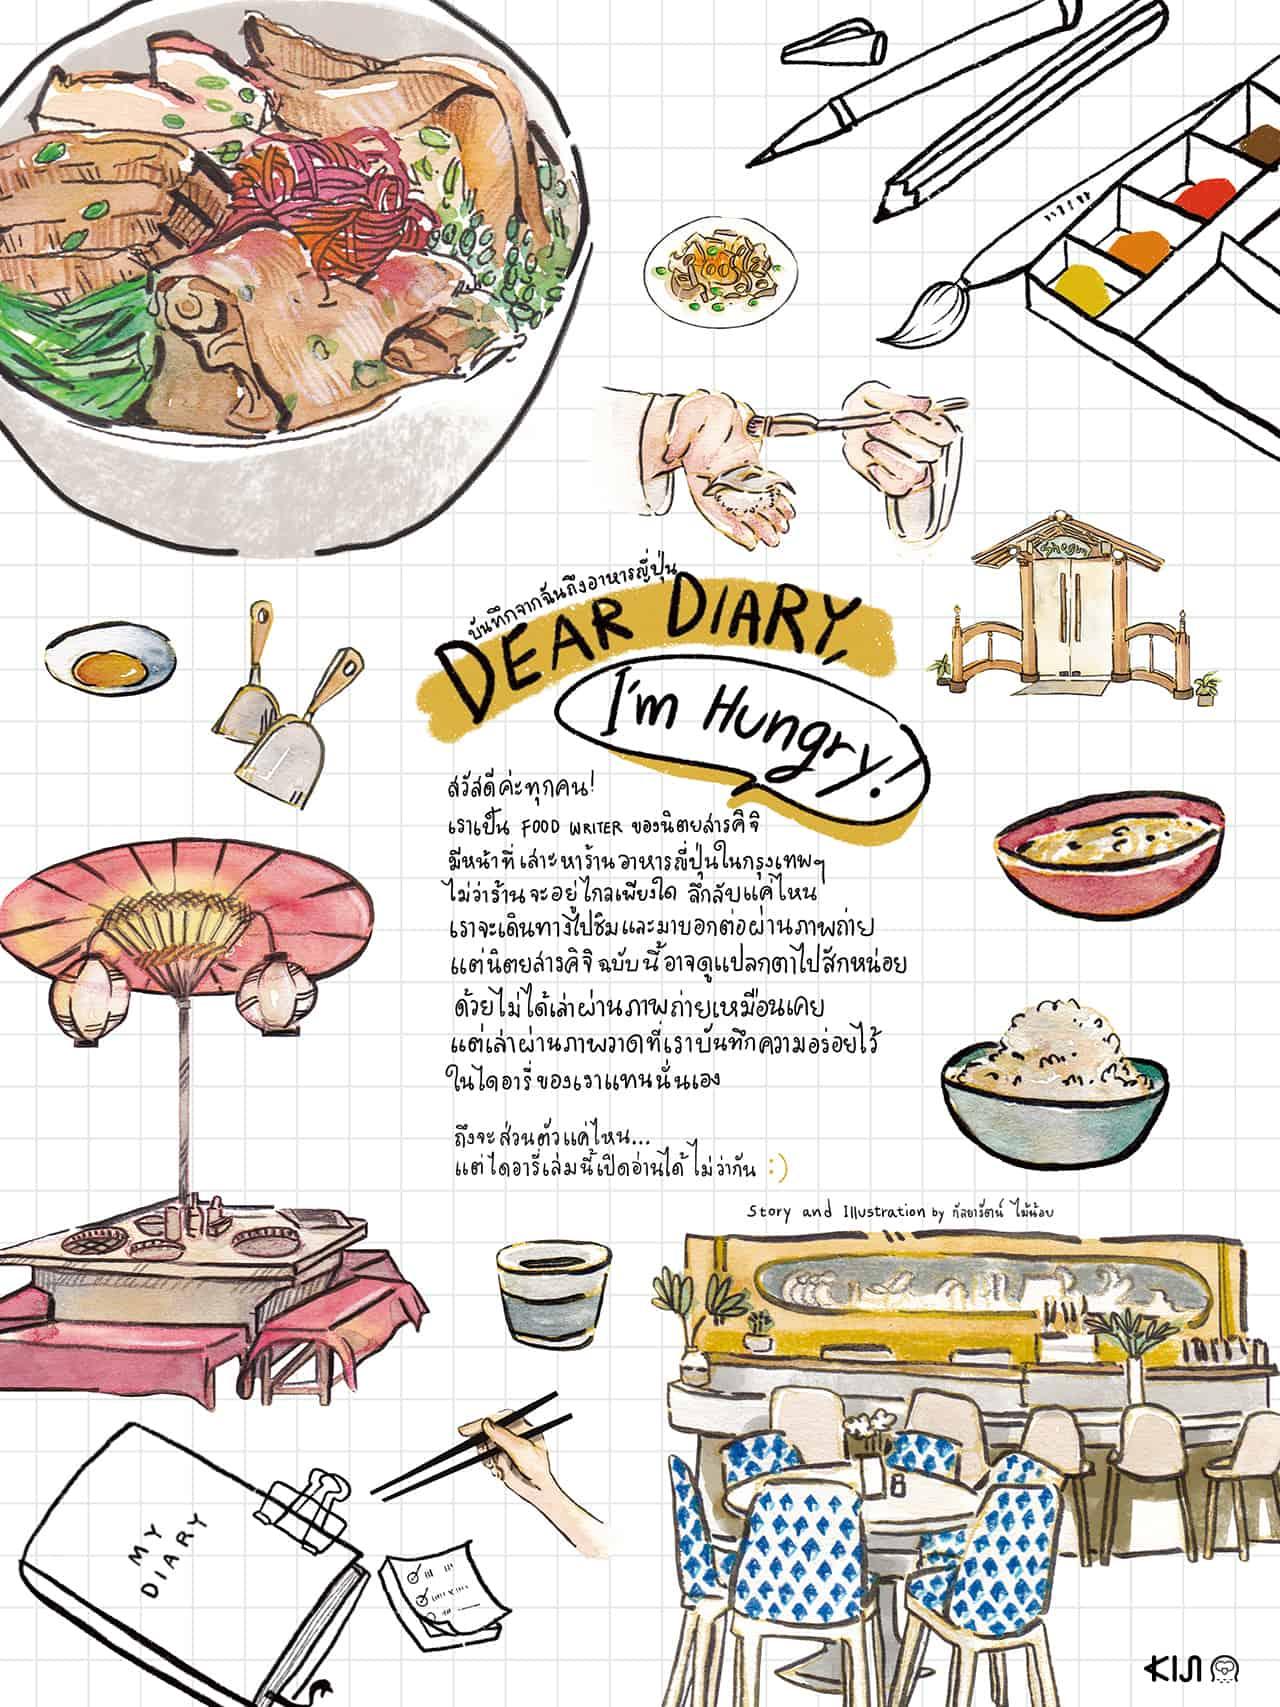 DEAR DIARY, I'm Hungry! บันทึกจากฉันถึง อาหารญี่ปุ่น